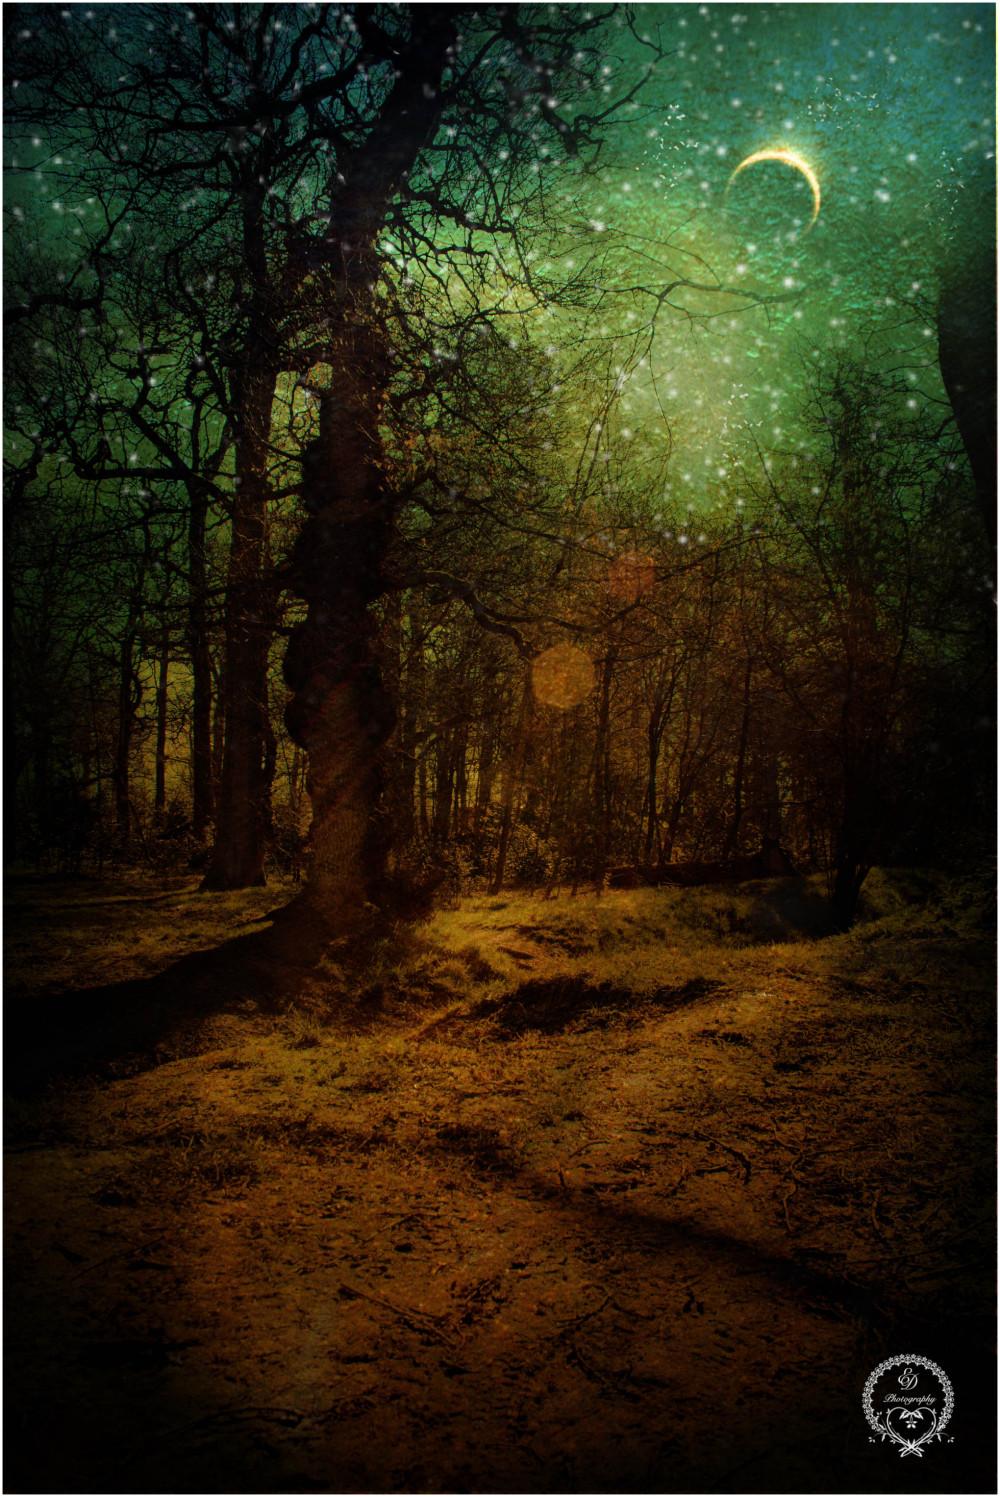 moonlight woods fantasy